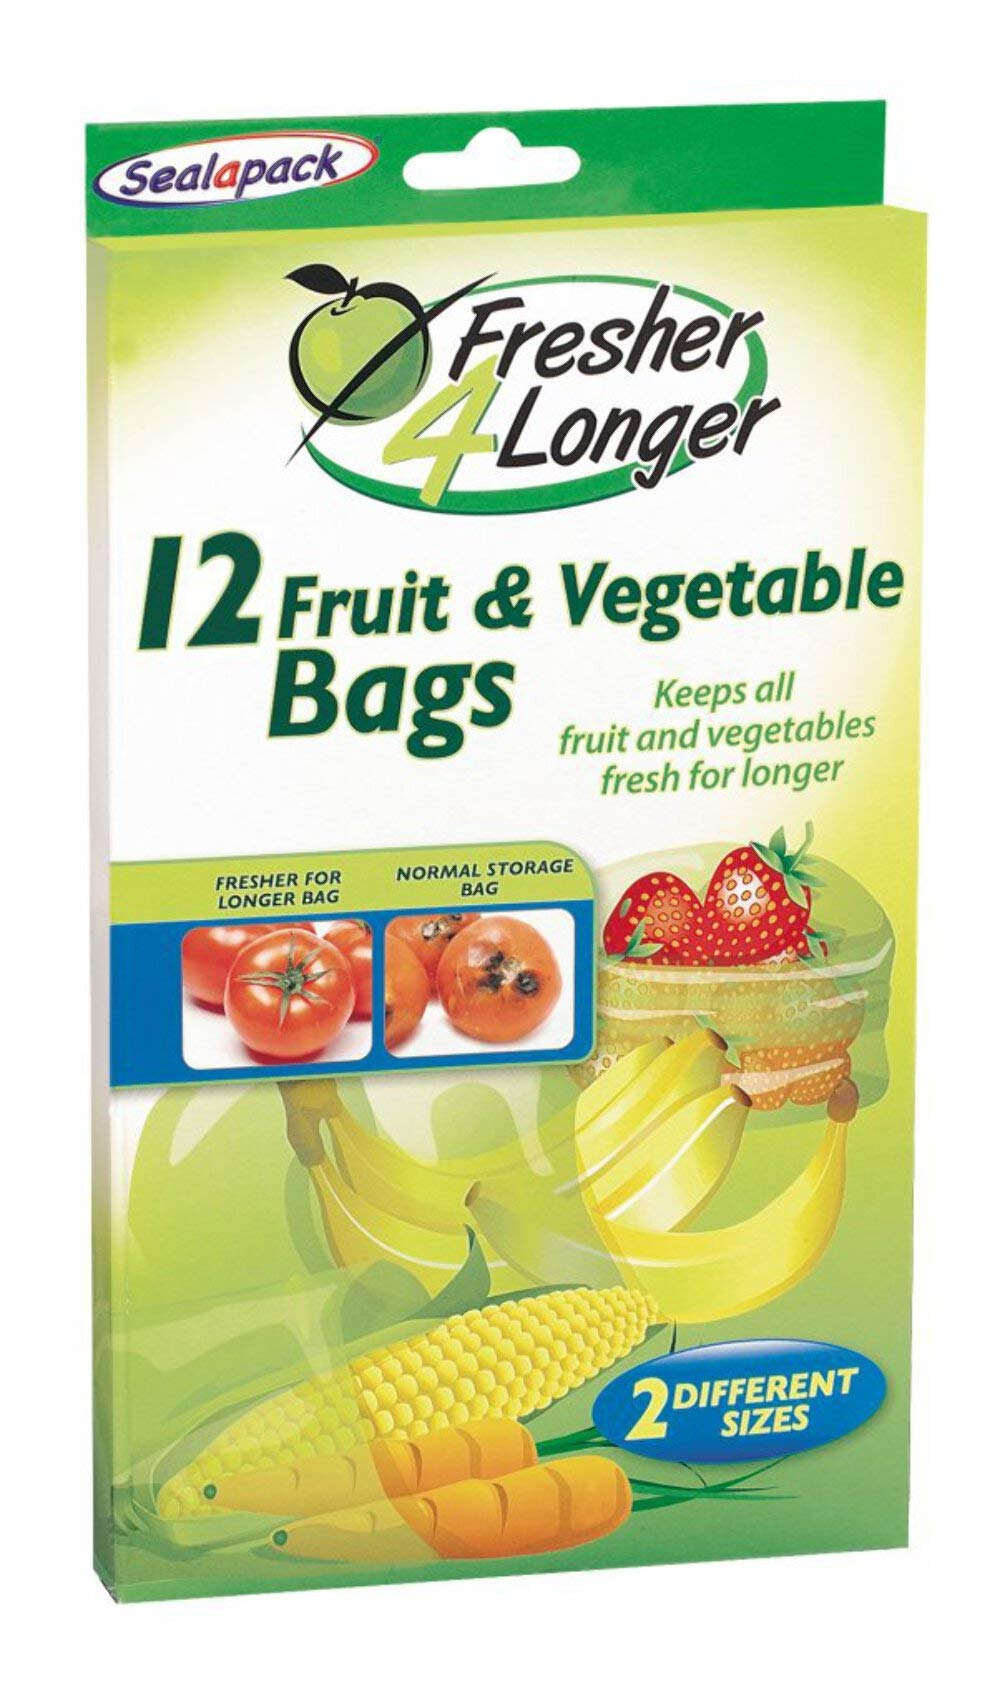 Sealapack Fresh For longer Fruit & Veg Bags 12 Pk